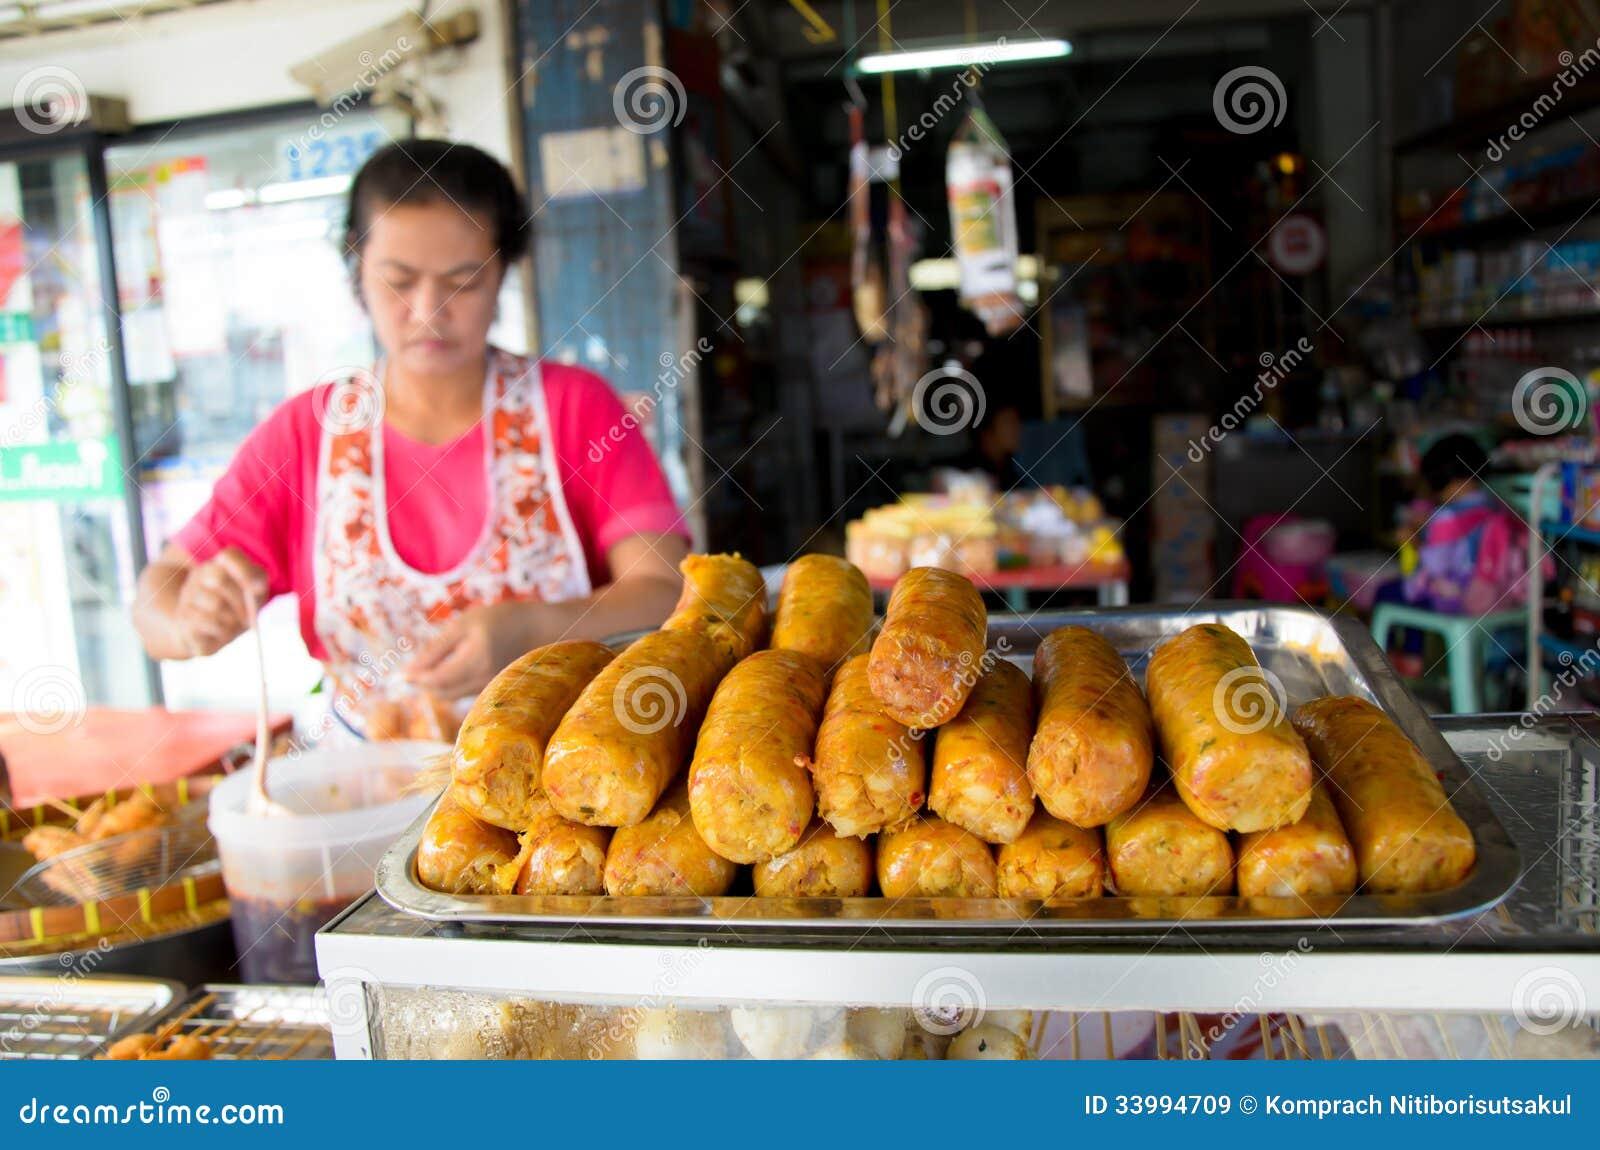 Femme du marché vendant des saucisses.